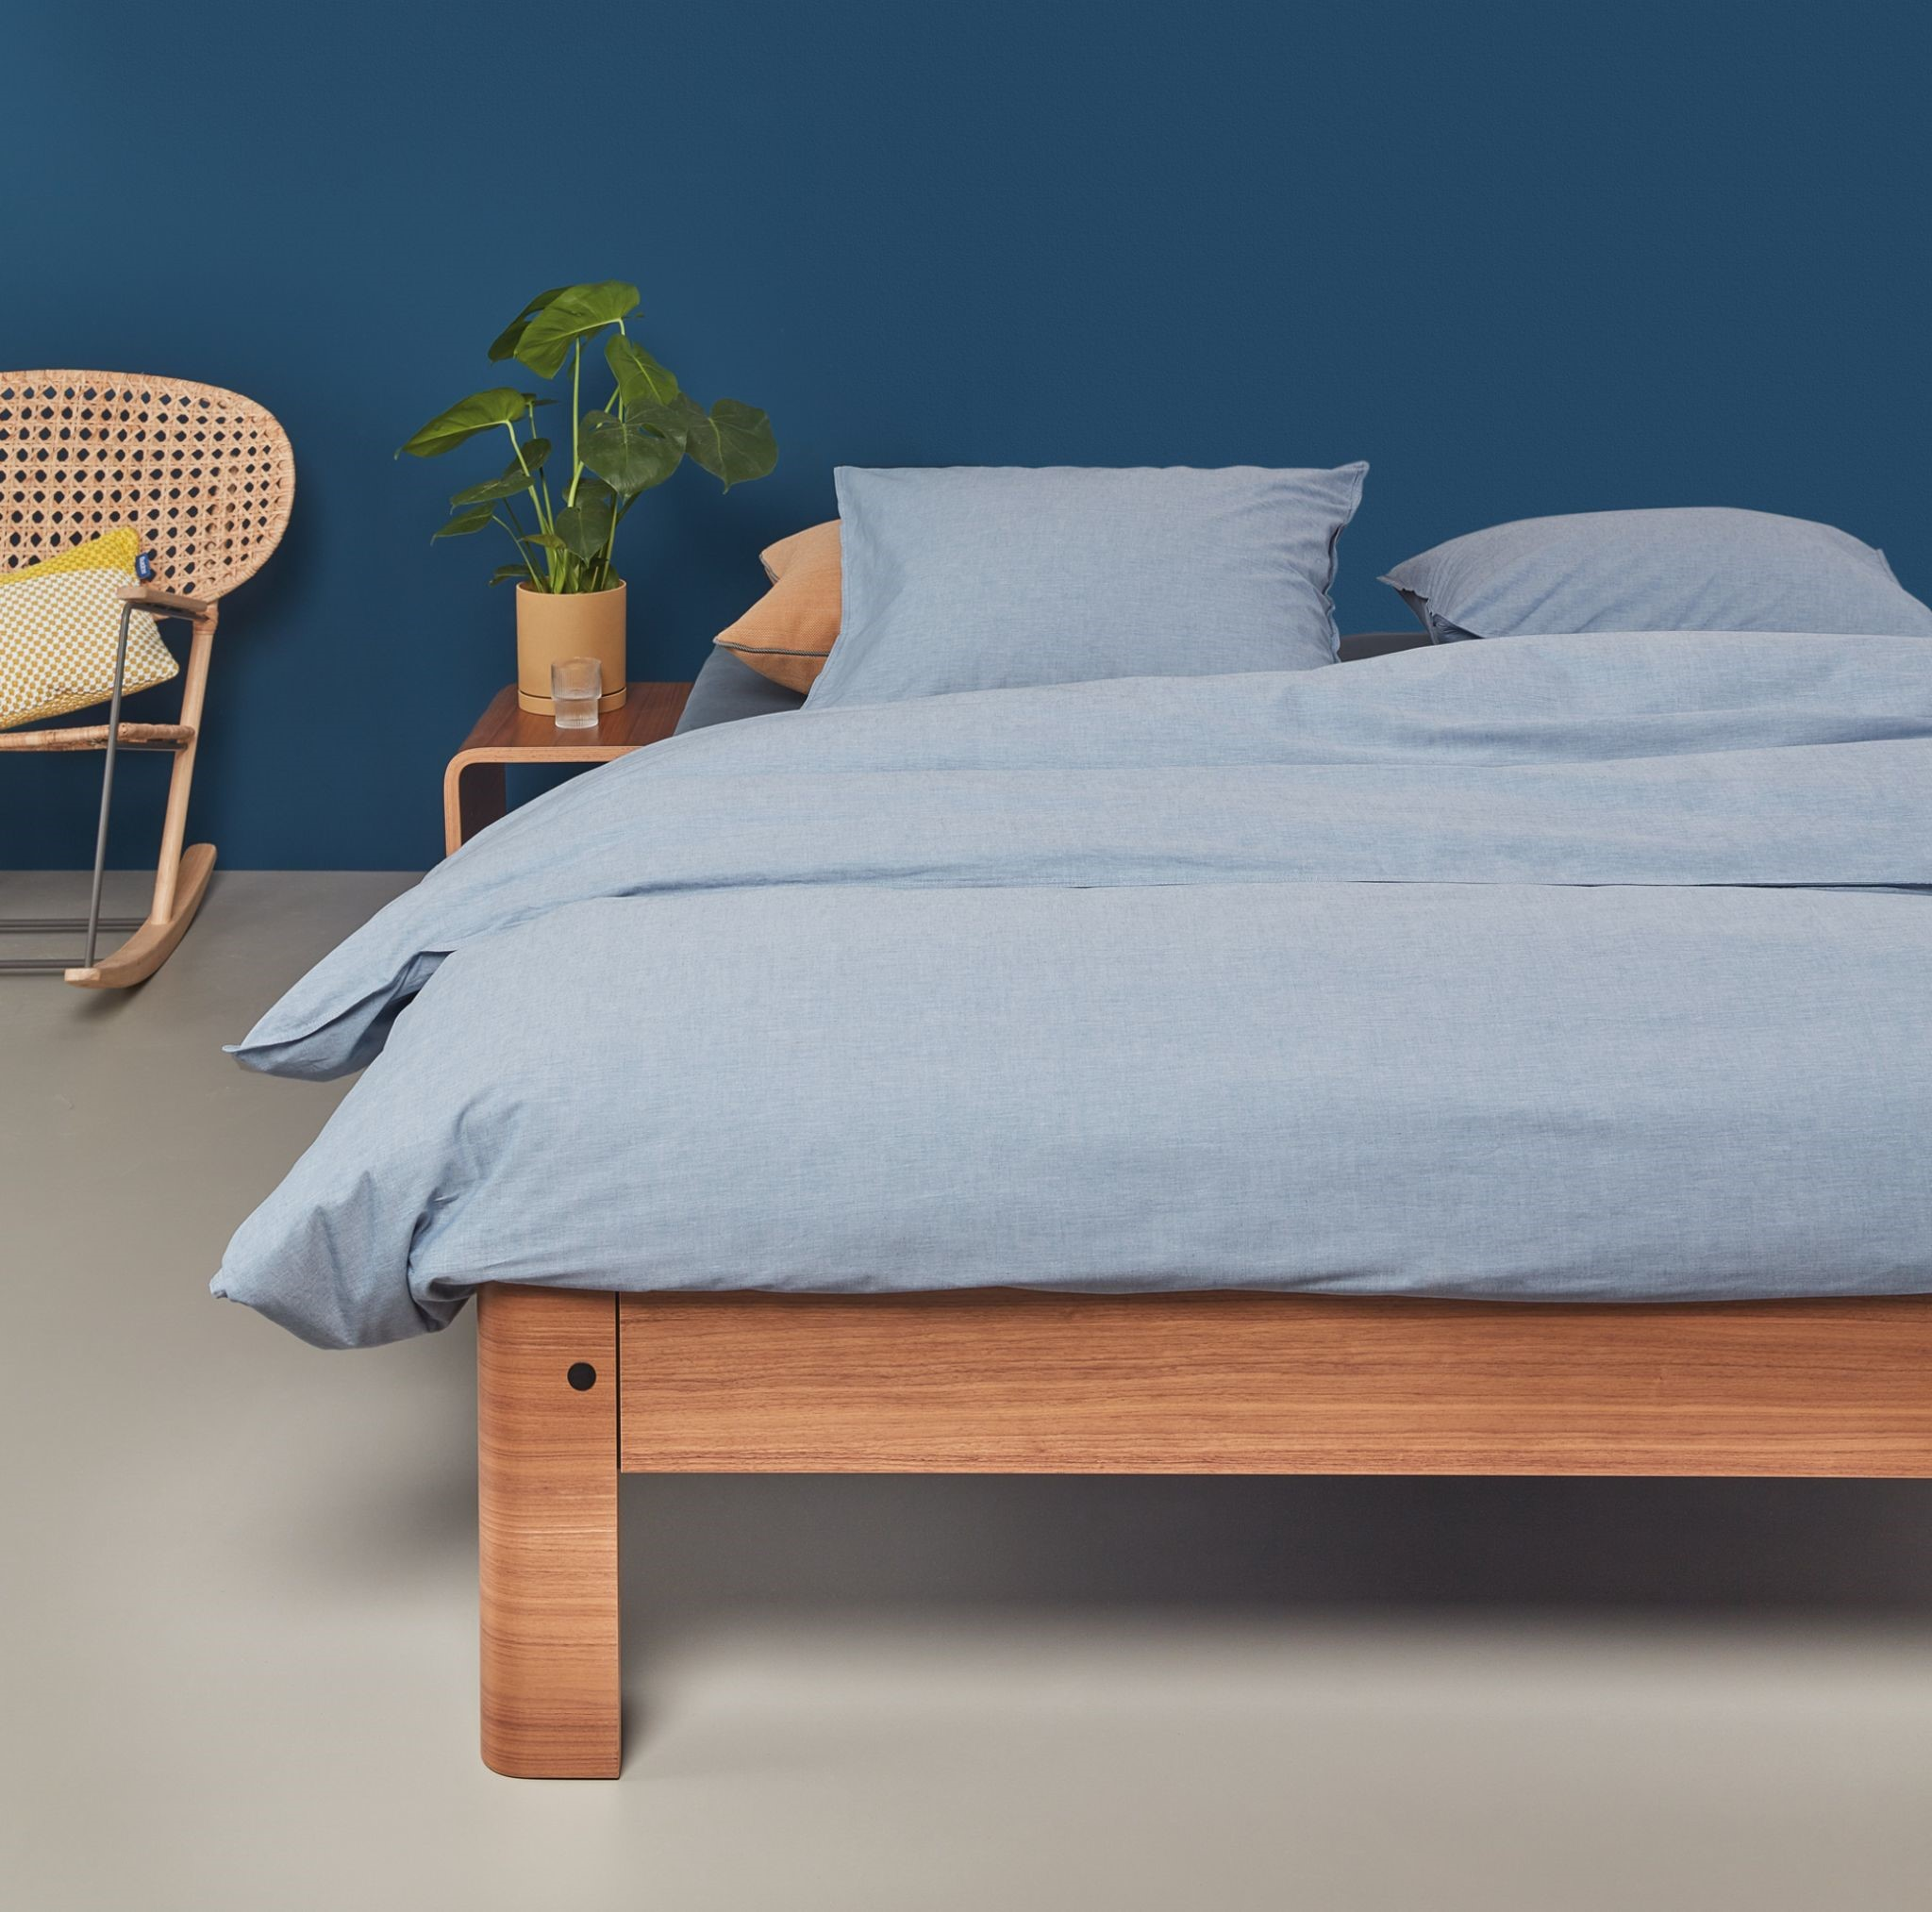 Como decorar o quarto para melhorar o bem-estar e sono